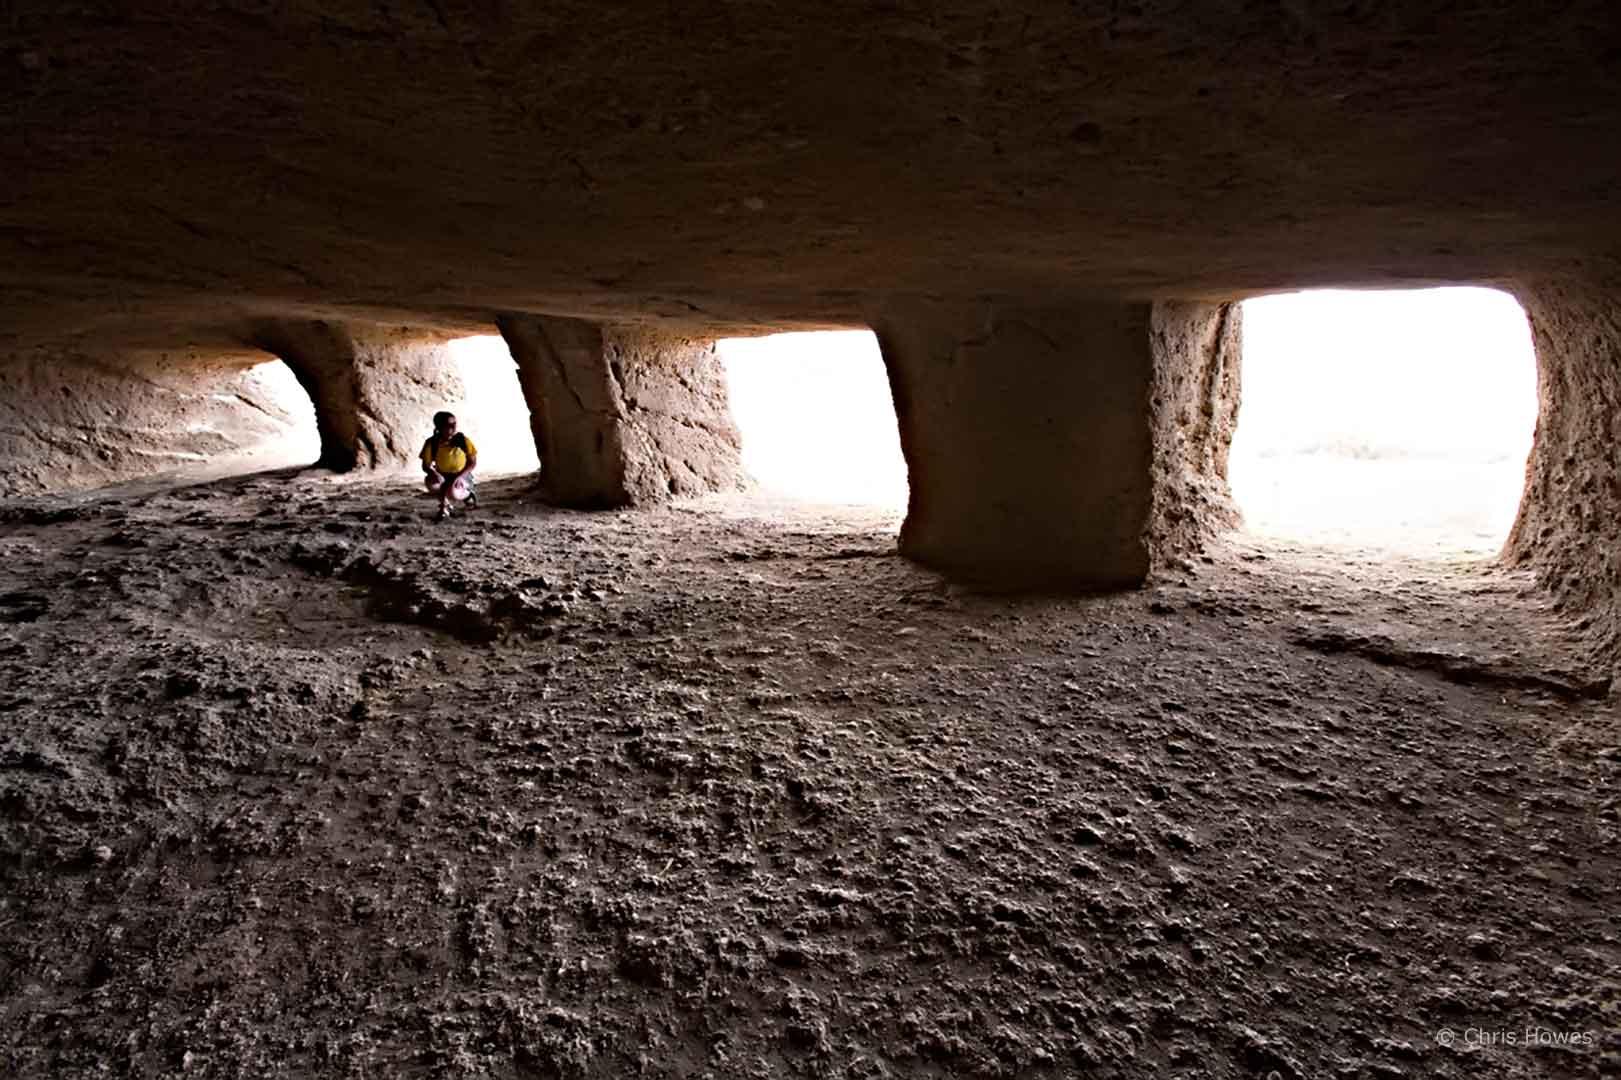 Cuevas de Cuatro Puertas